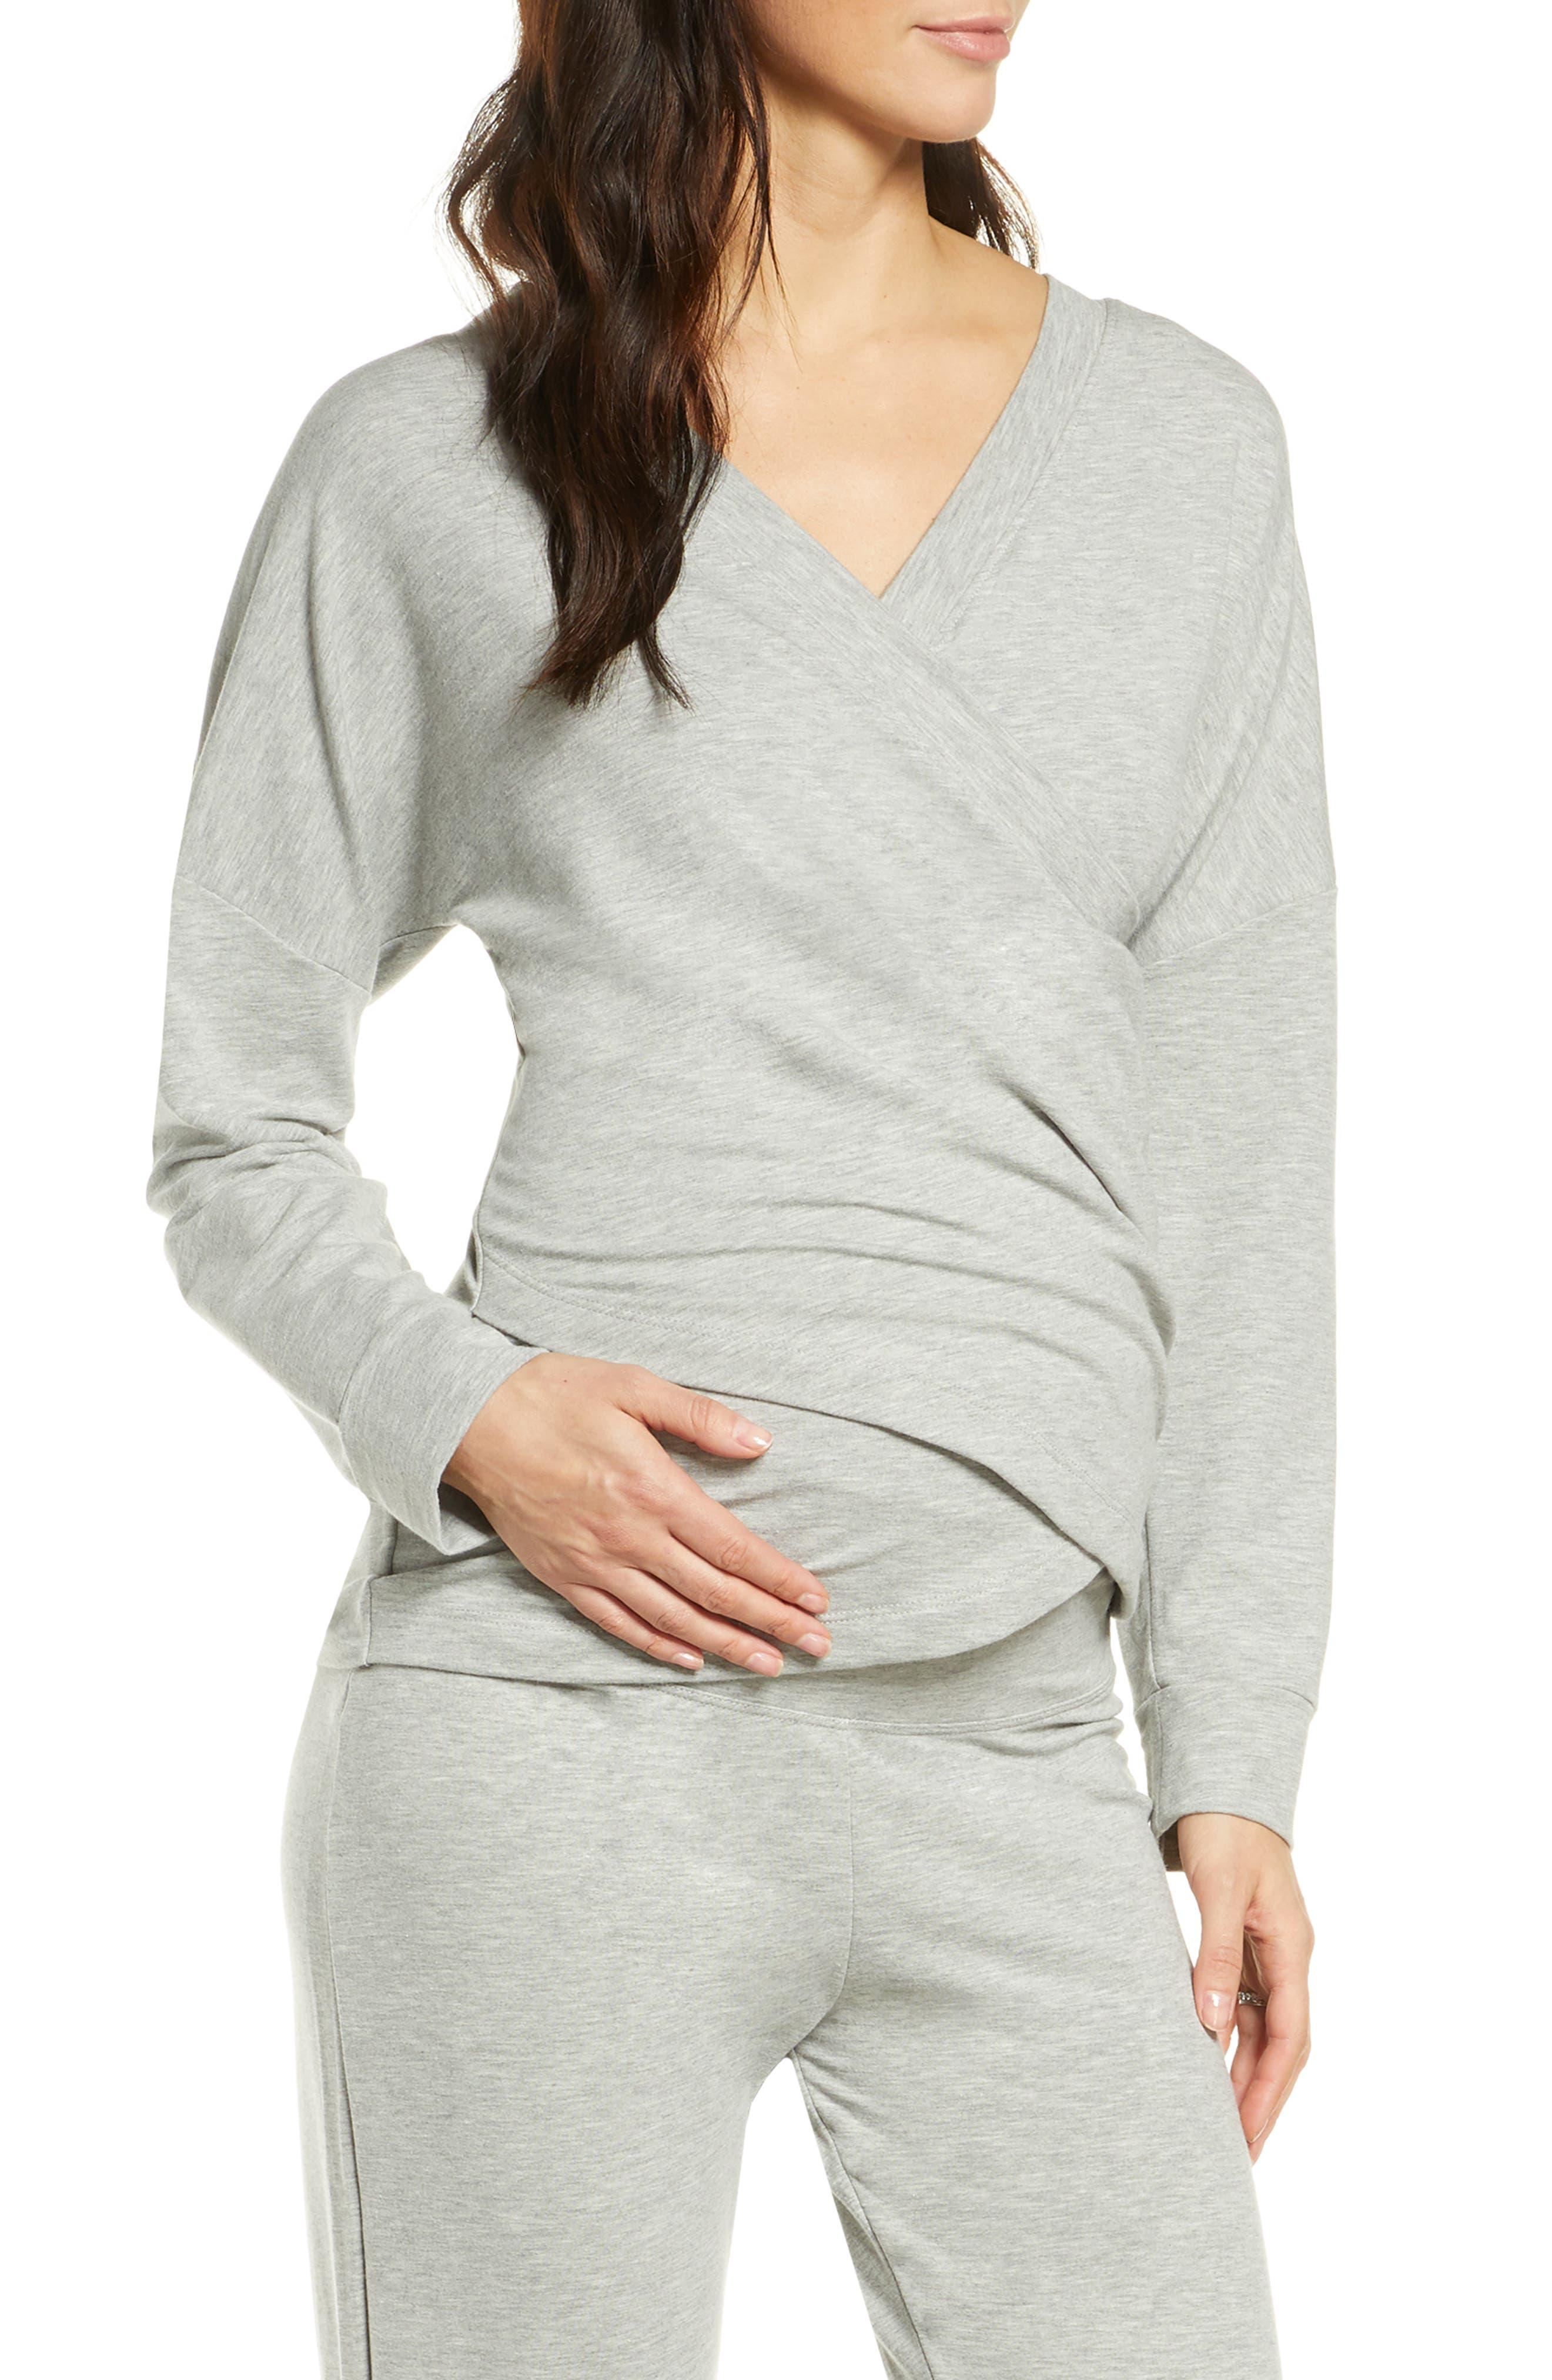 Athleisure Nursing/maternity Top